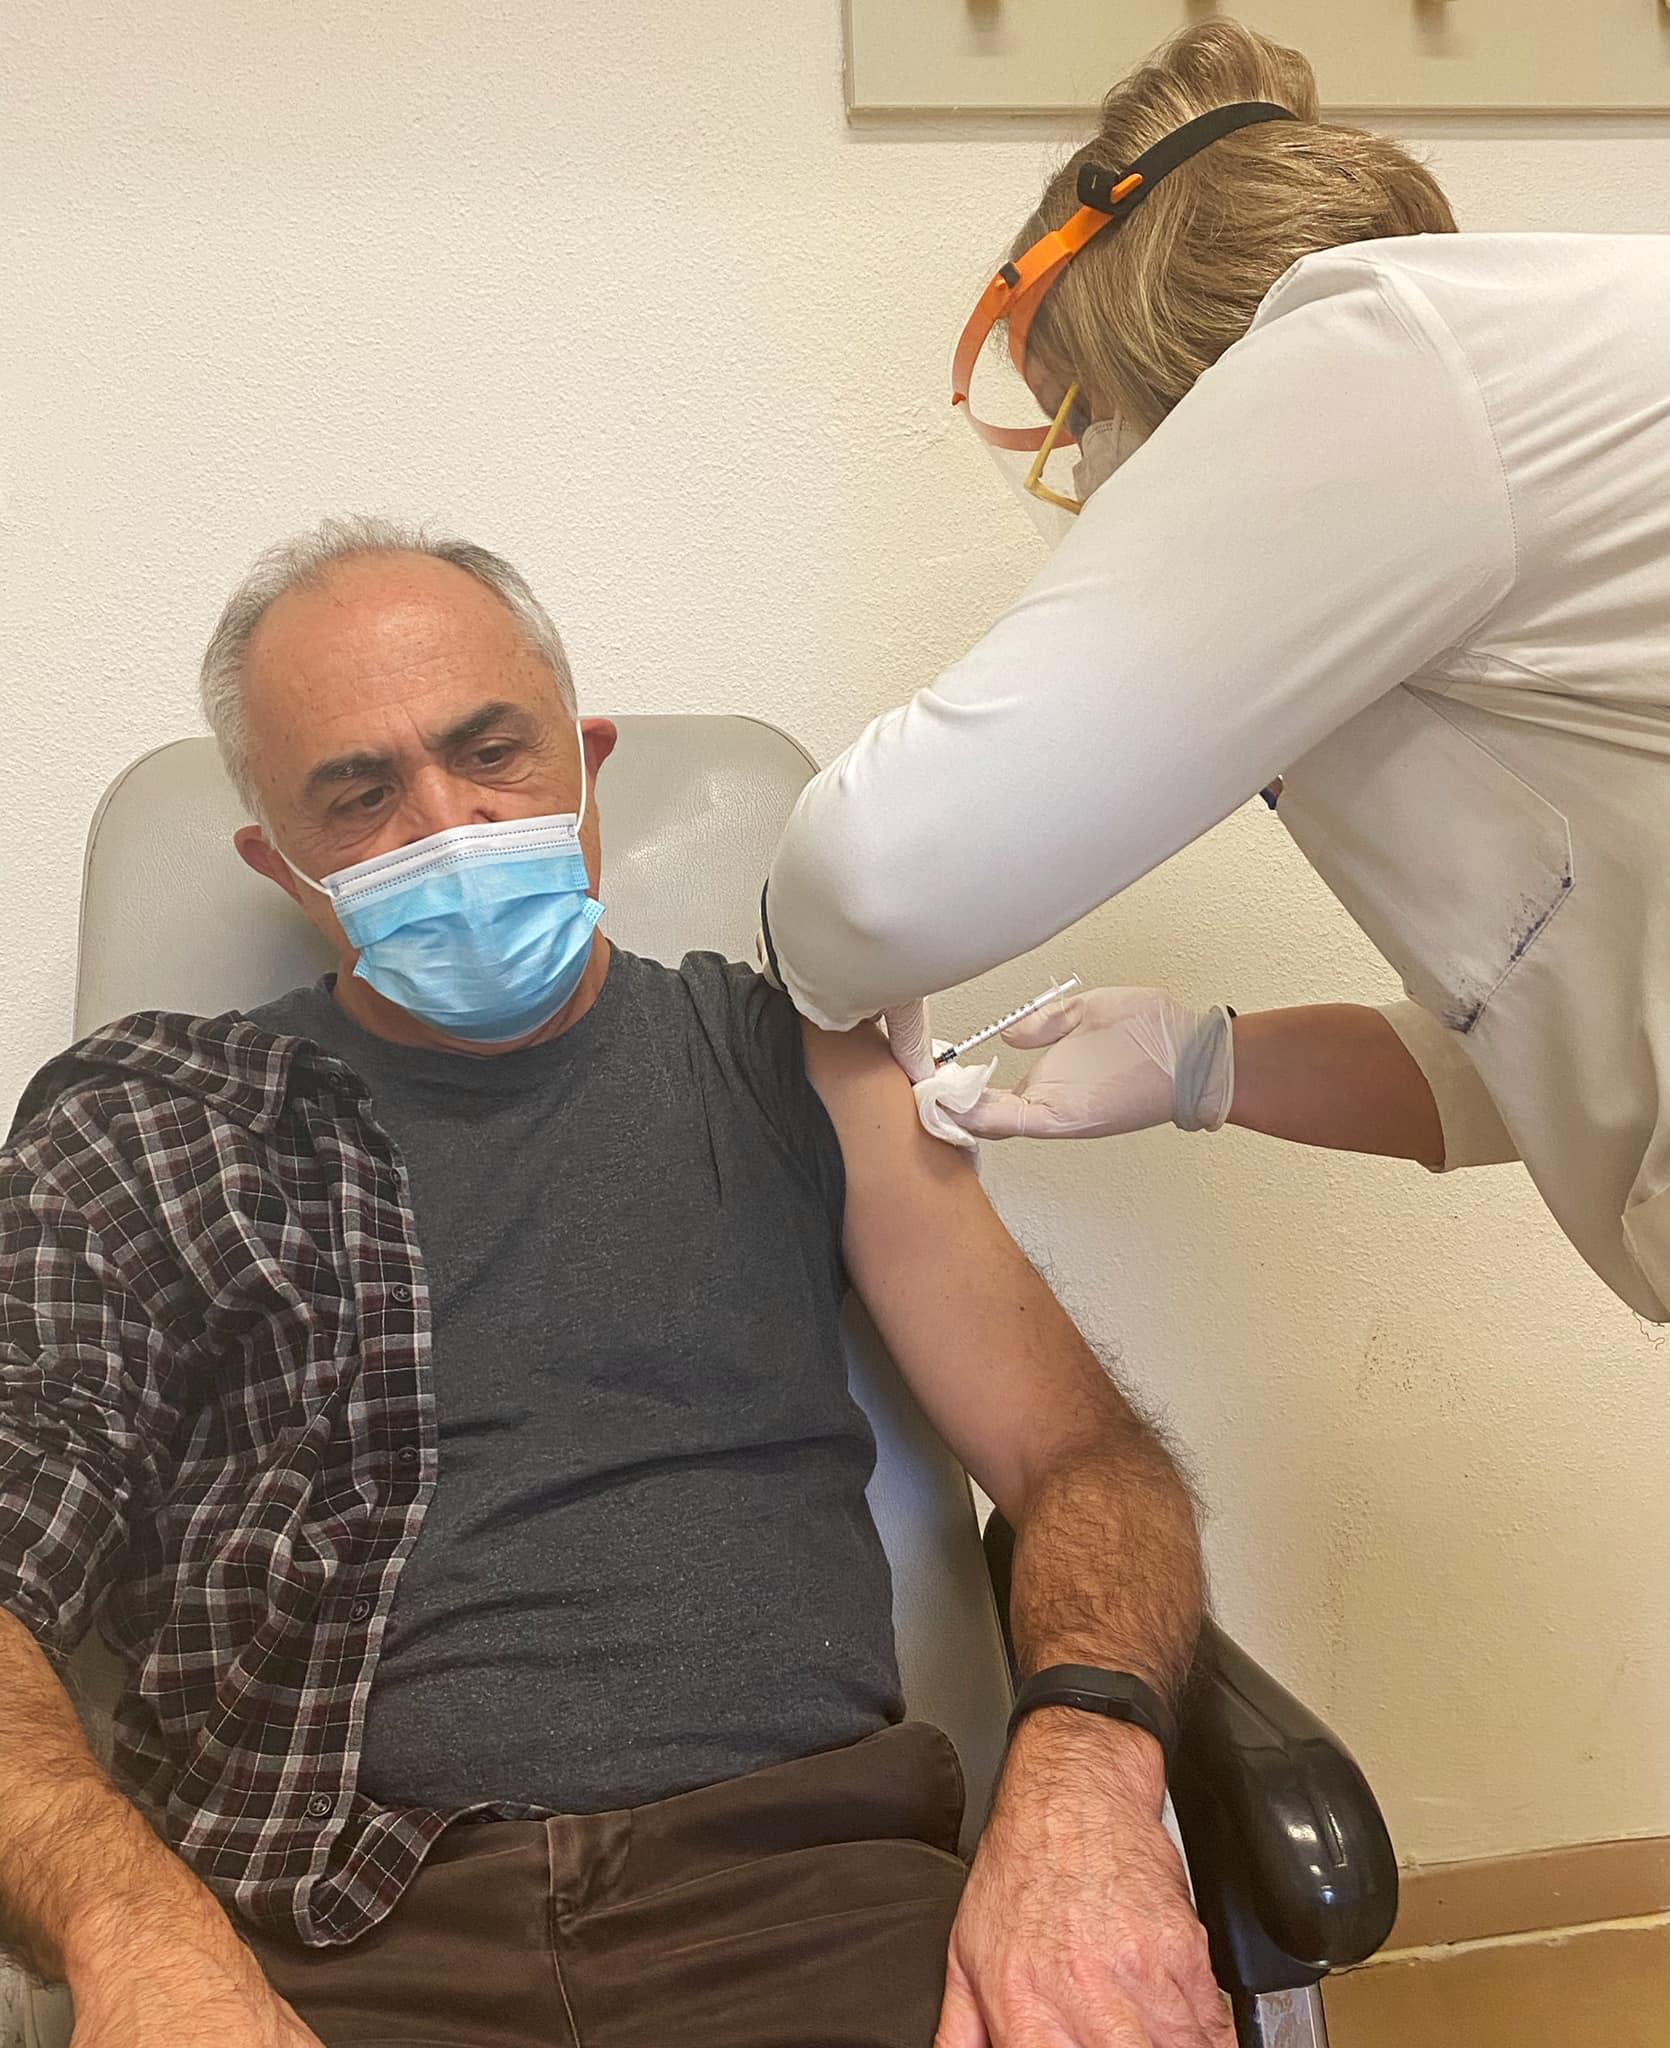 Ξεκίνησαν οι εμβολιασμοί στο Νοσοκομείο Ξάνθης